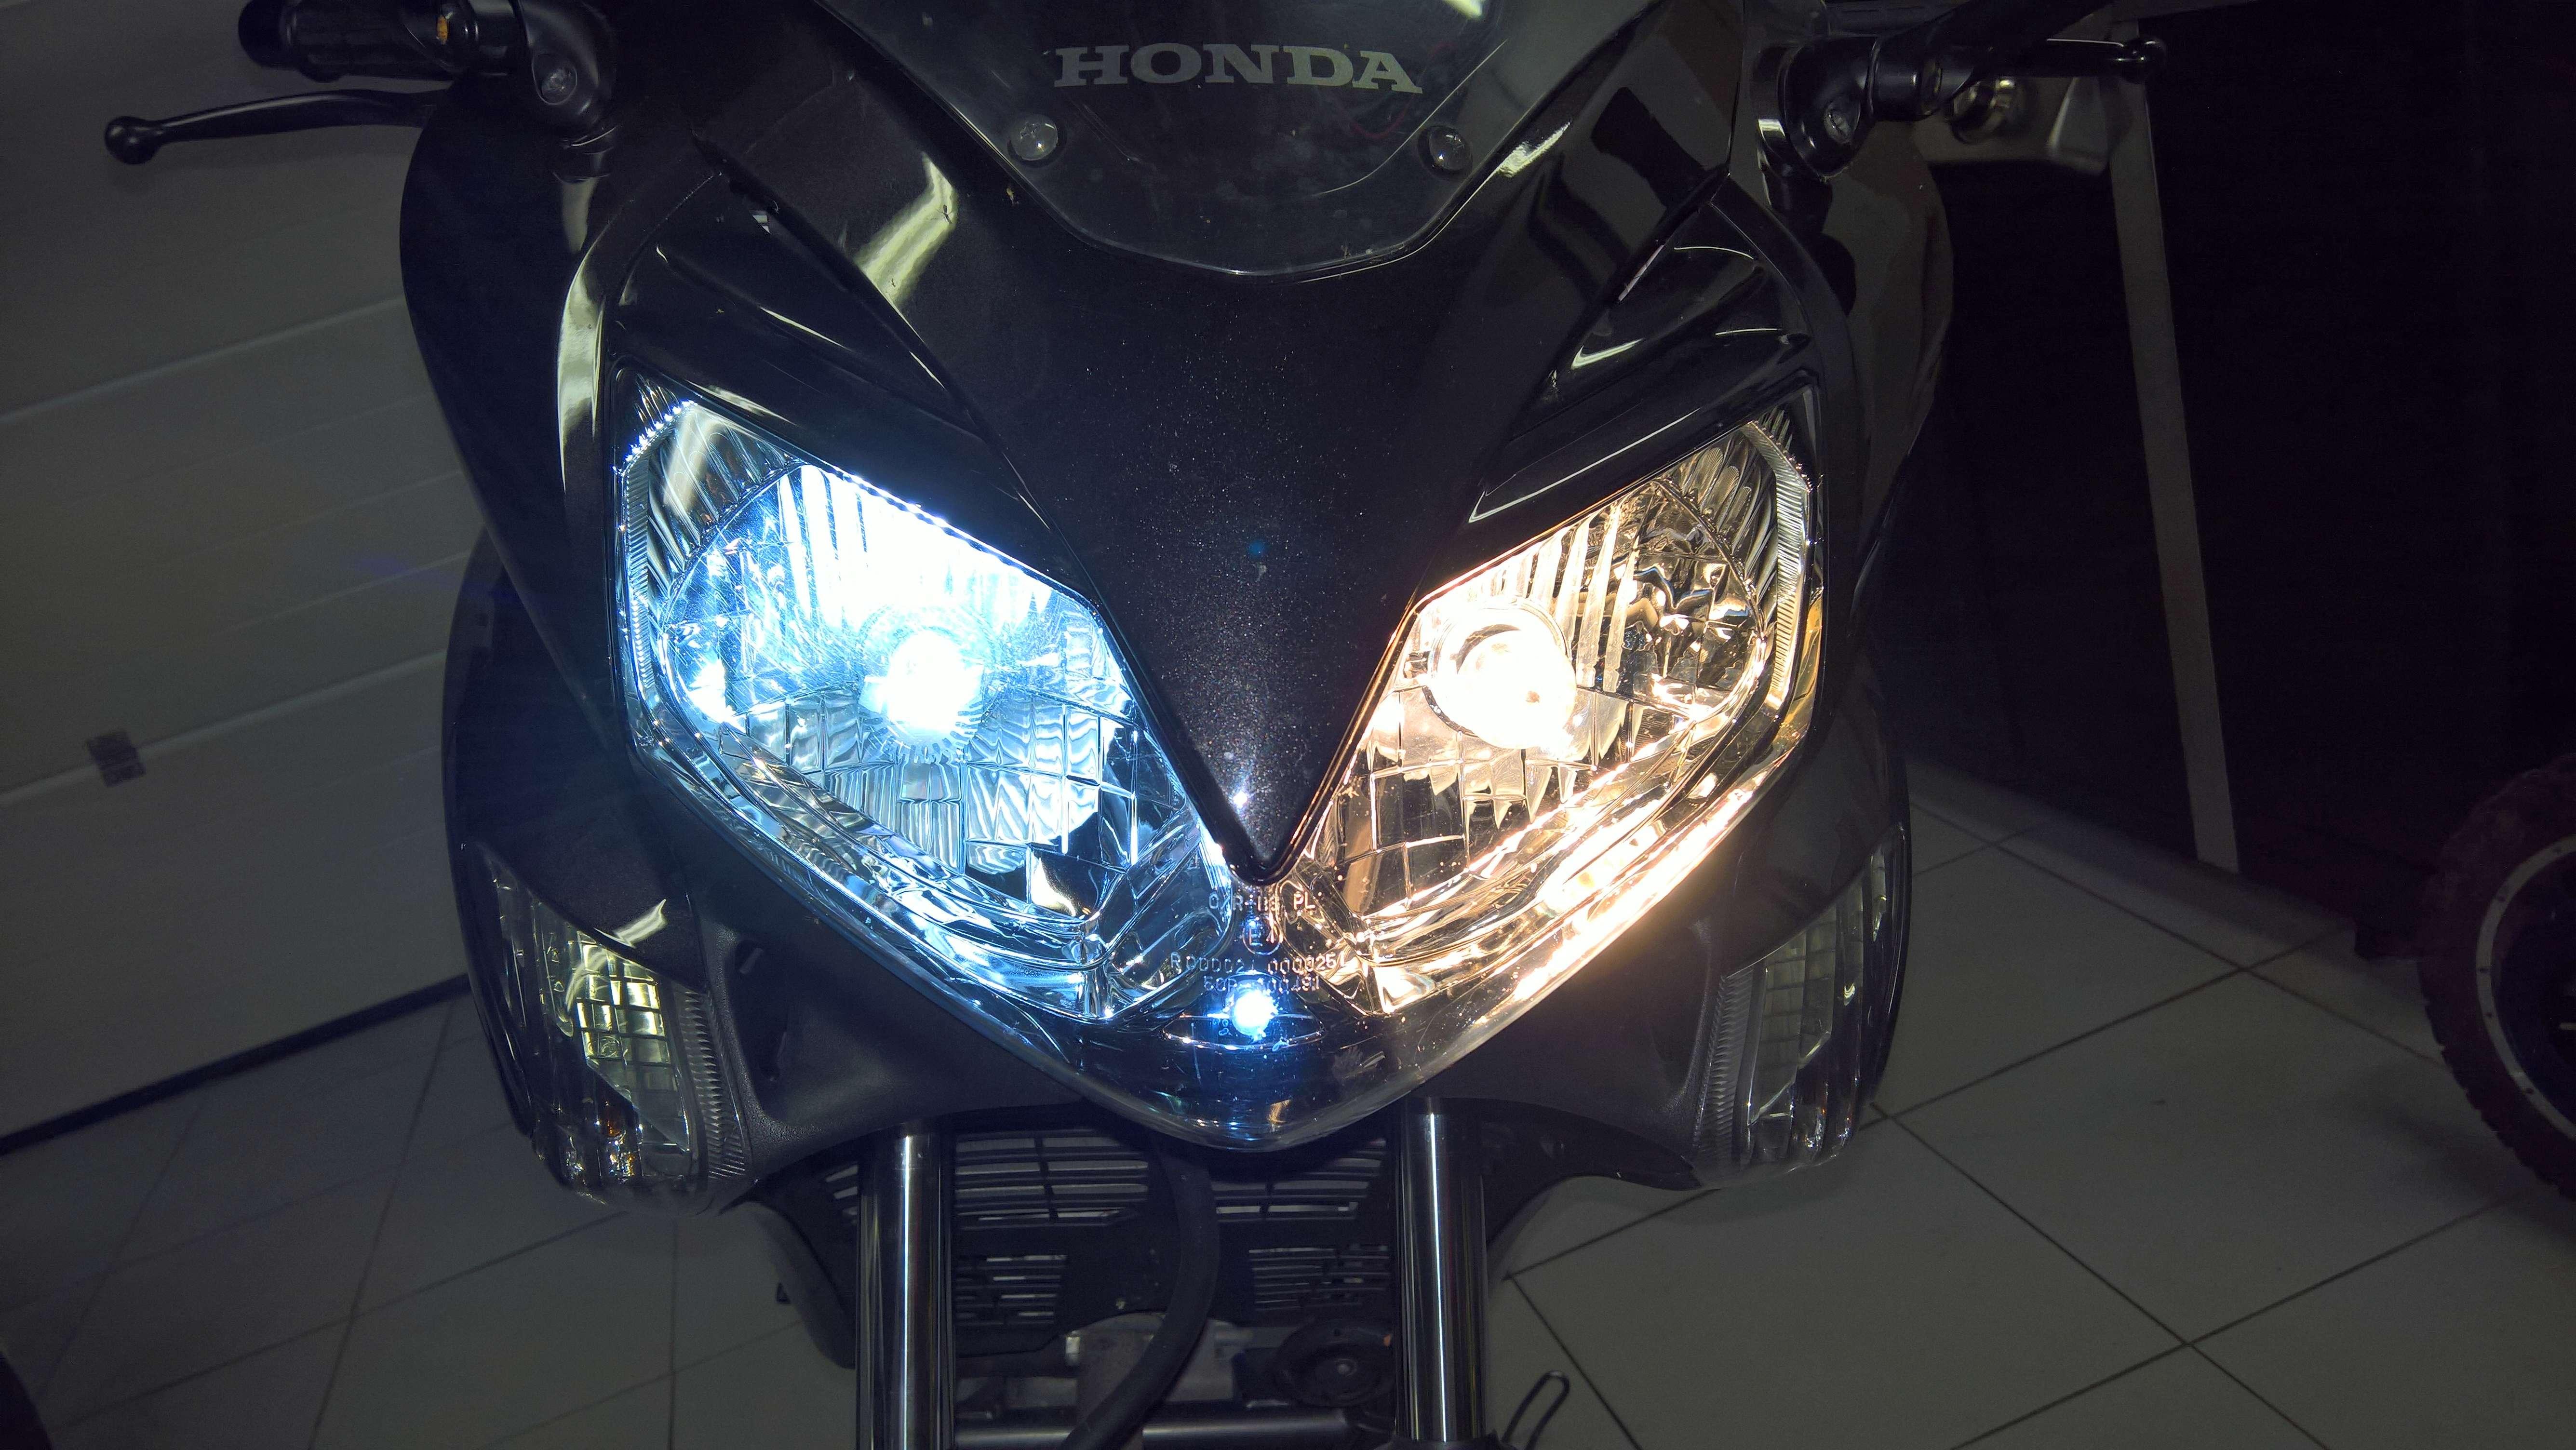 Remplacement des ampoules par LED (Varadero 125 - 2008) Wp_20122